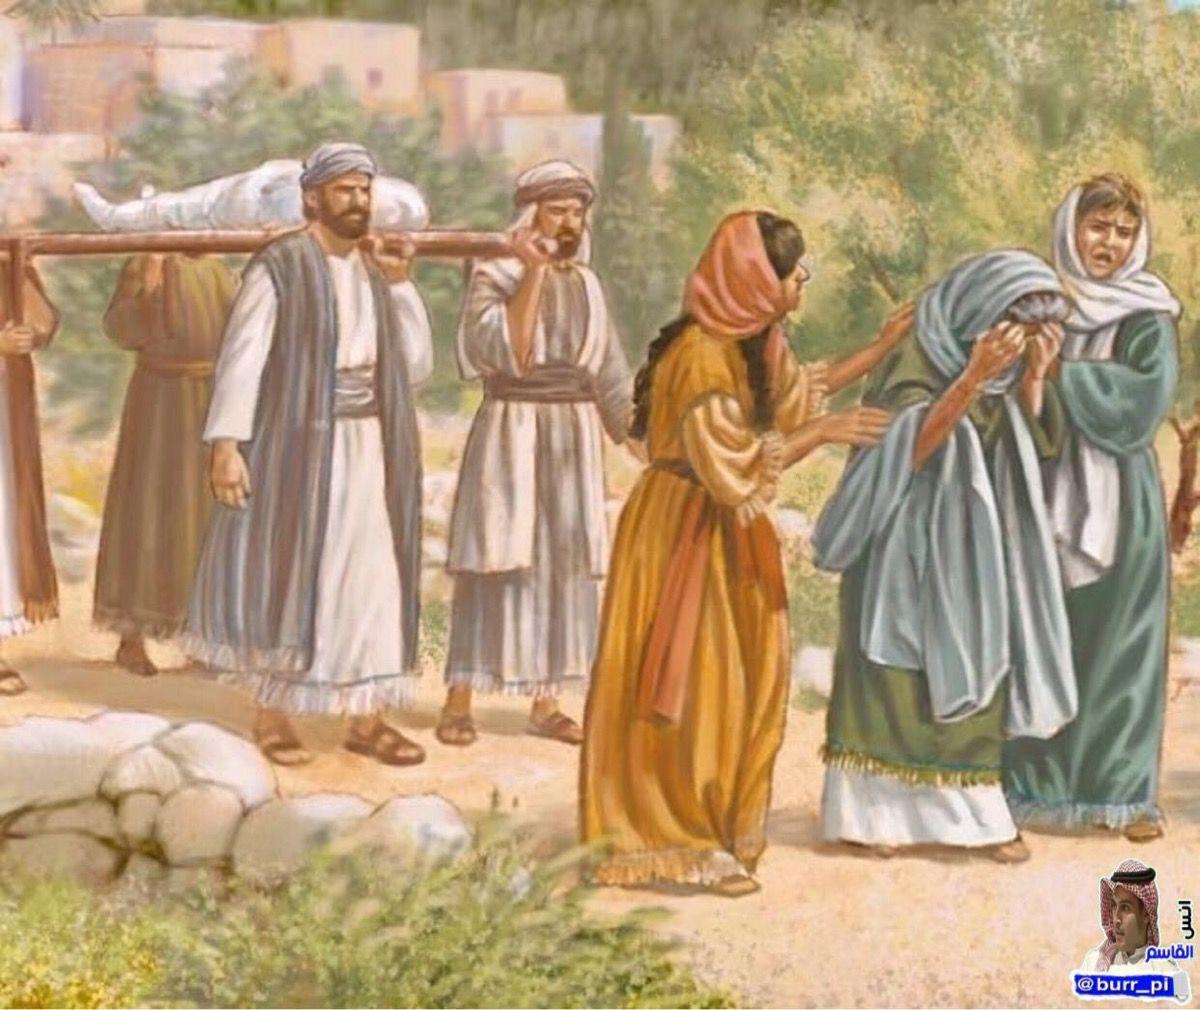 قديما كان عثمان بن دراج الطفيلي بخيلا جدا وفي أحد الأيام مرت من أمامه جنازة ومعه ابنه الصغير ومع الجنازة امرأة تبكي وتقول الآن يذهبون بك إلى Painting Art